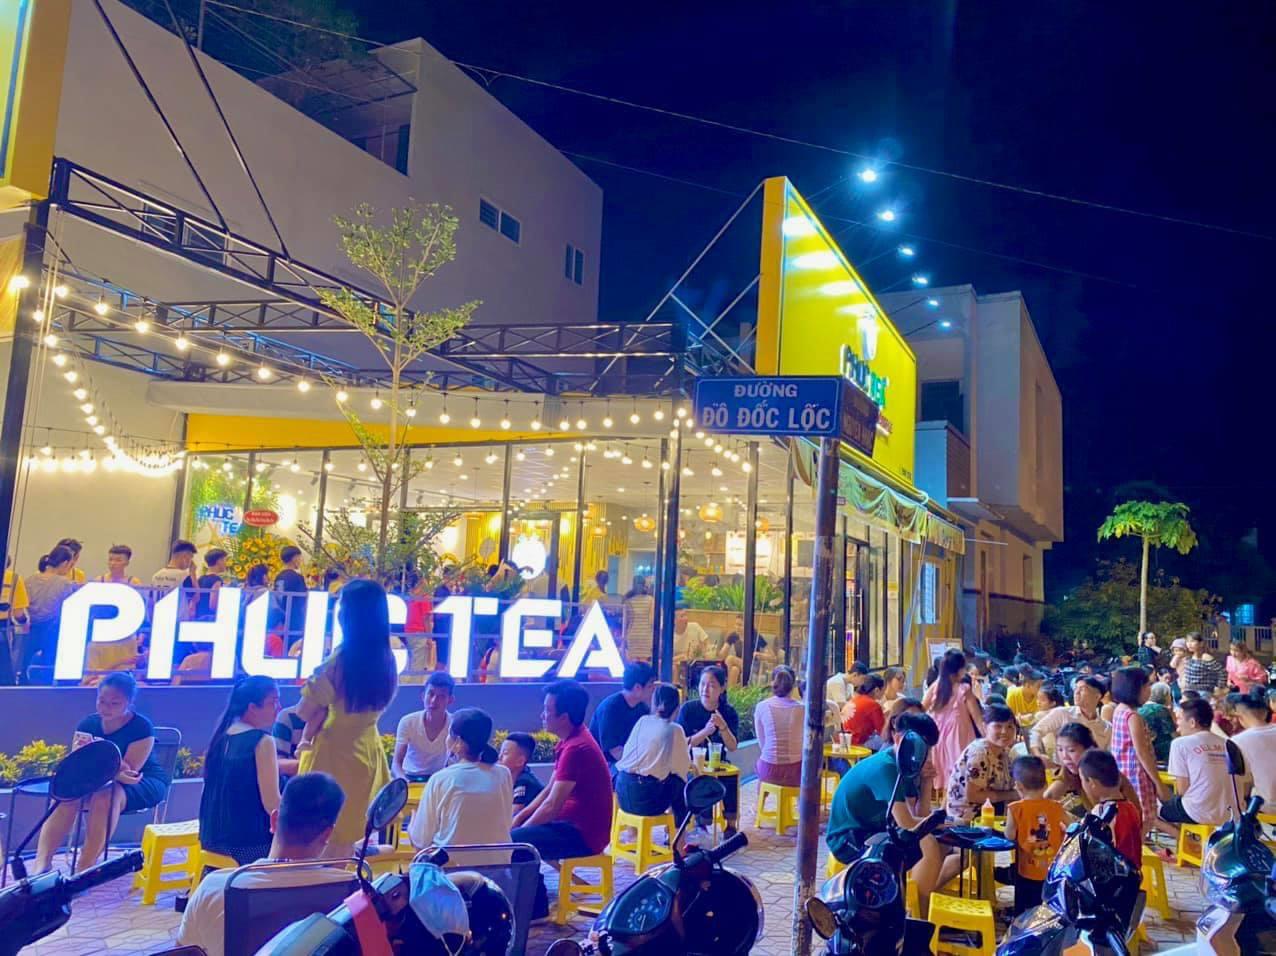 Chàng hotboy gác lại hào quang showbiz mở chuỗi thương hiệu trà sữa Phúc Tea với gần 100 cửa hàng - Ảnh 3.